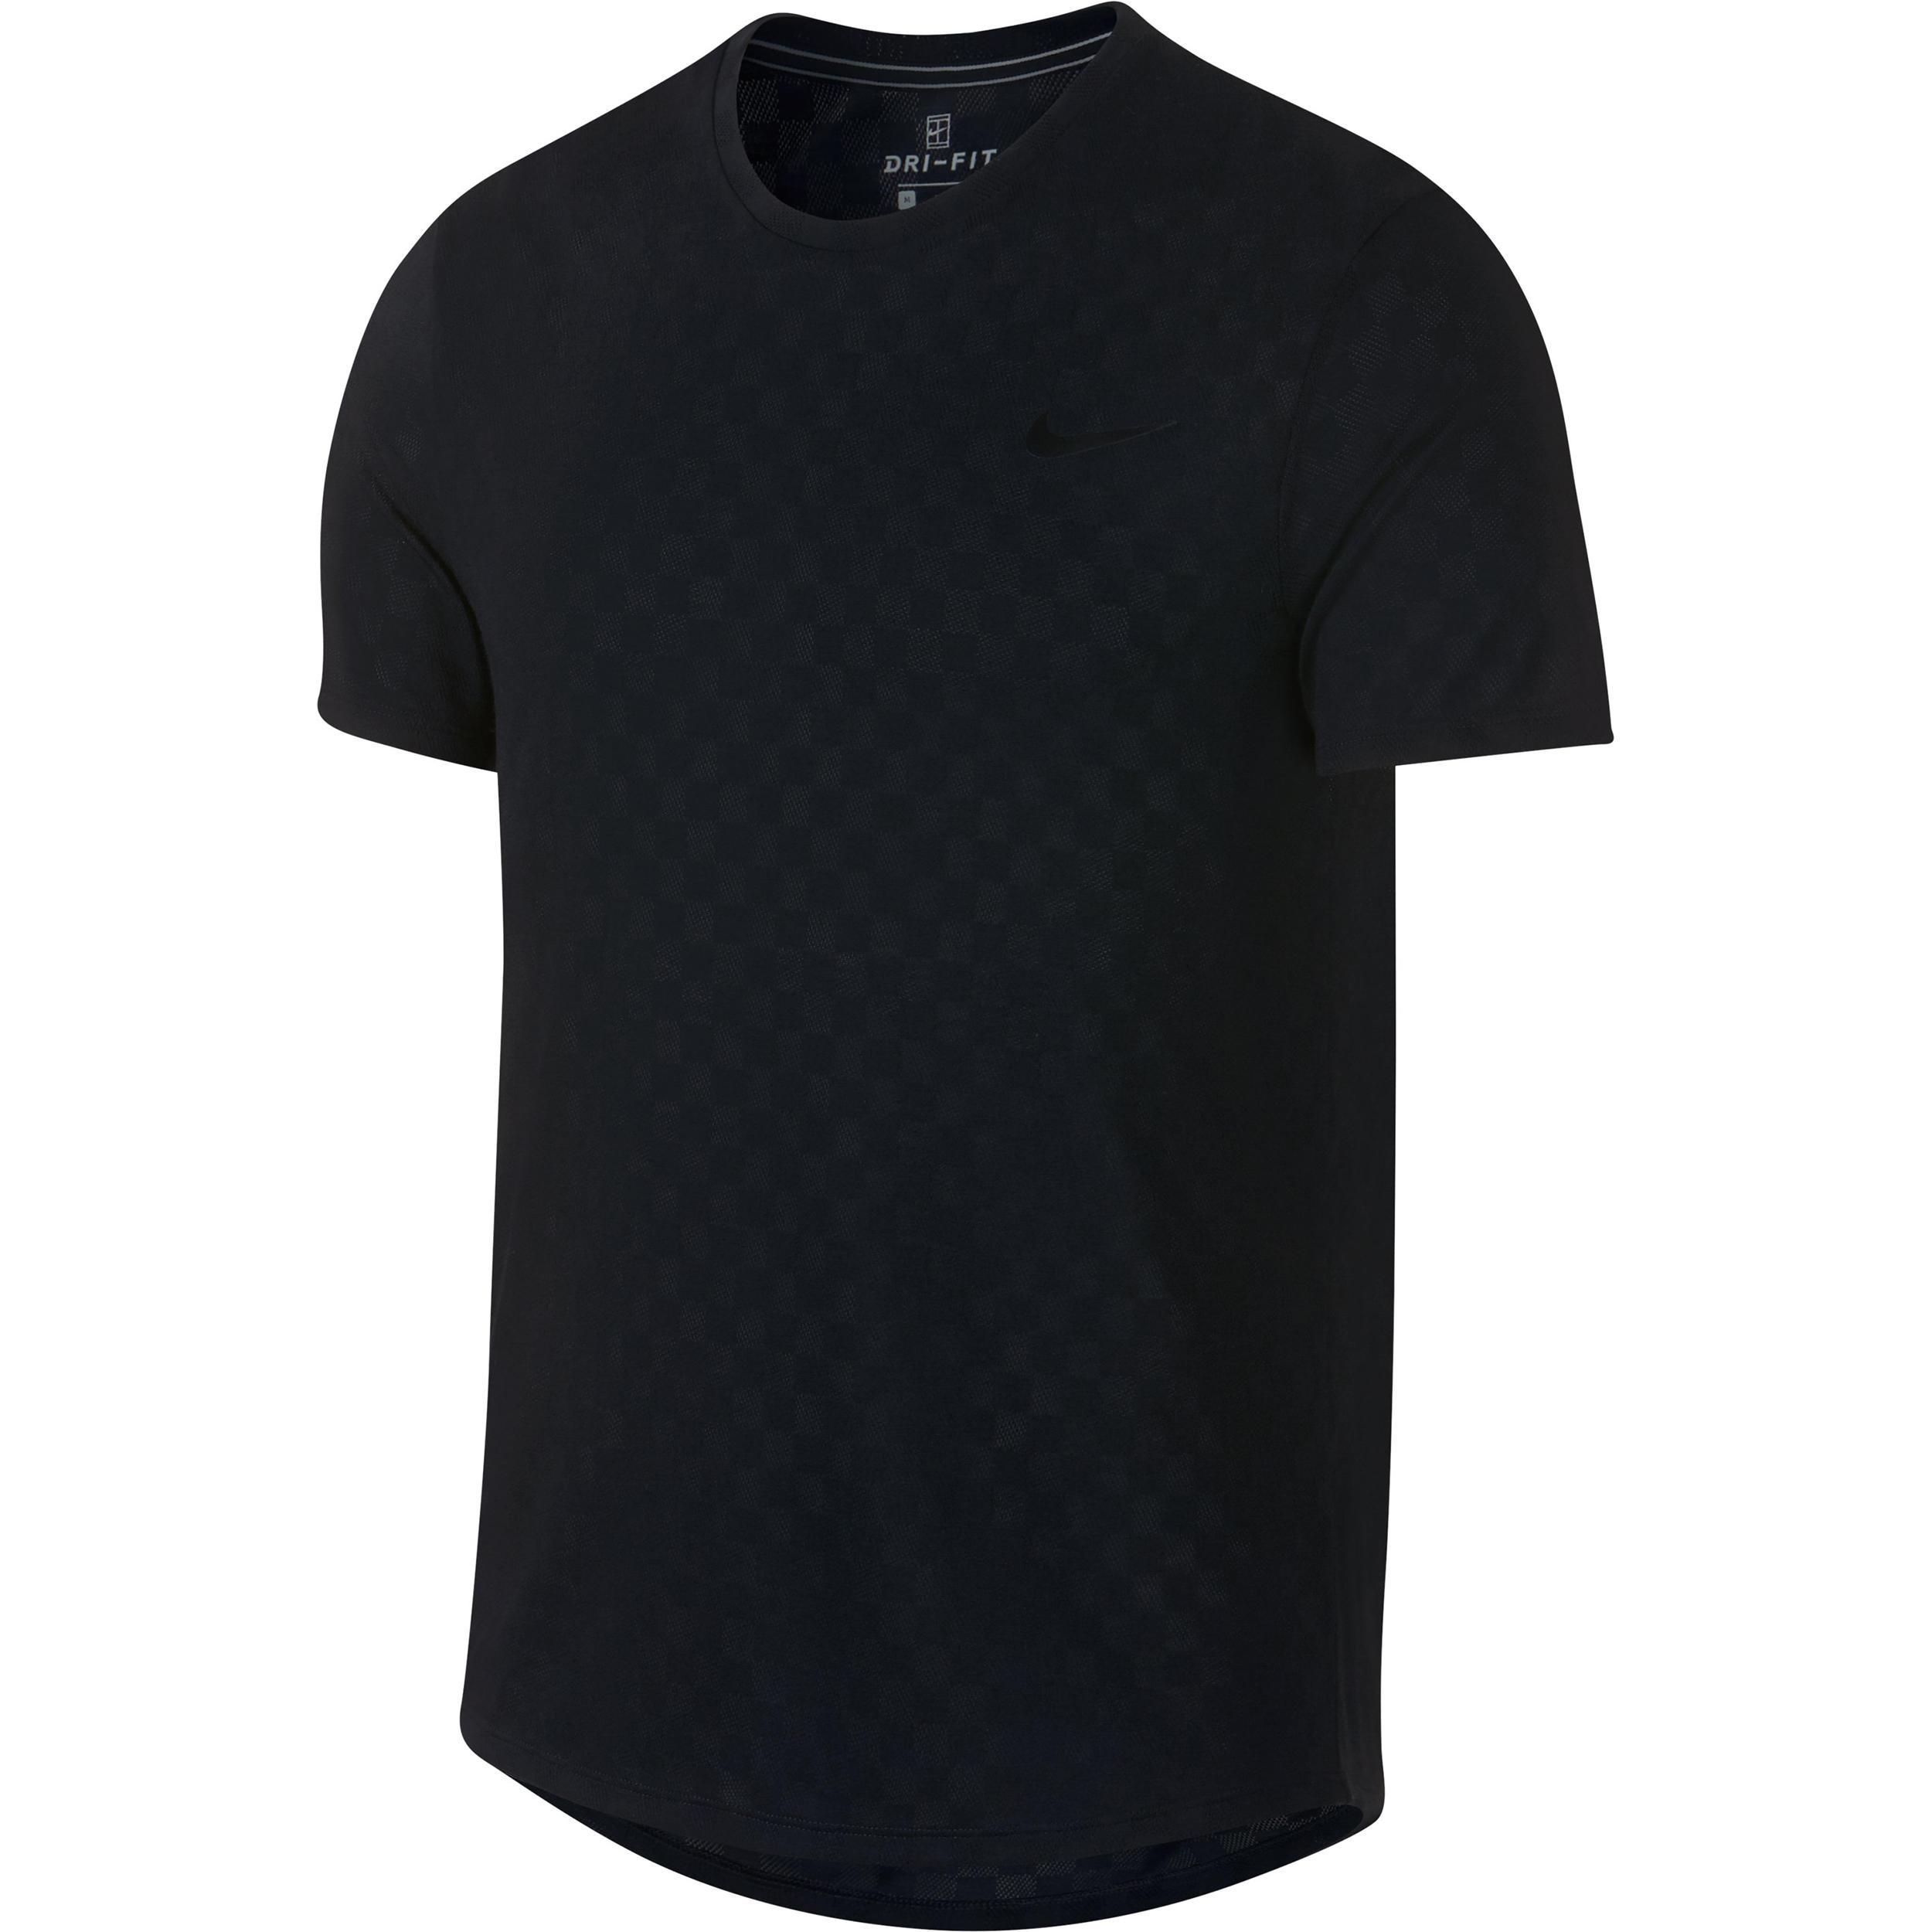 c1e11d316f3 Nike T-shirt heren tennis Challenger Crew zwart | Decathlon.nl